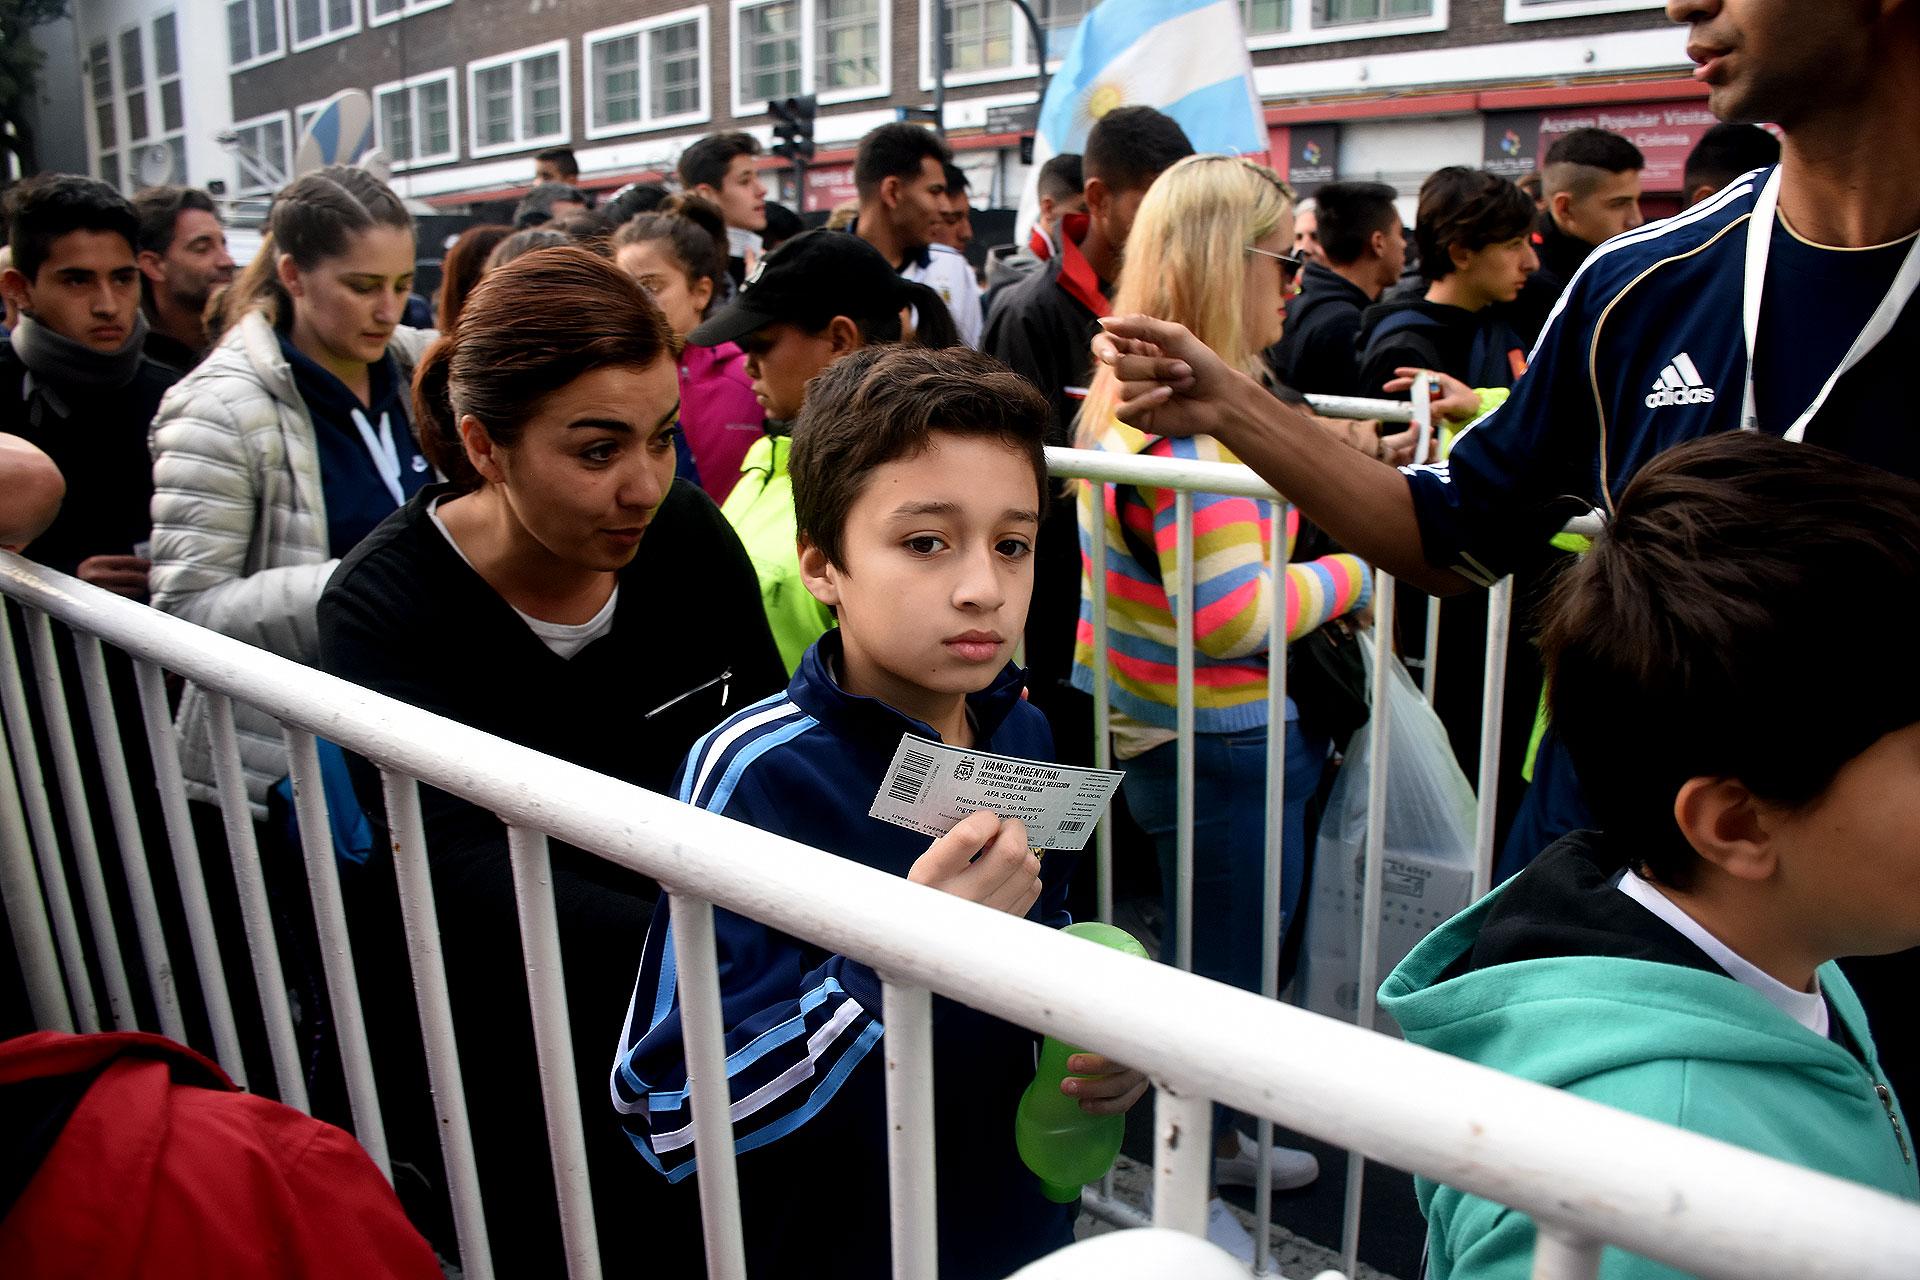 La organización recibió más de un millón de solicitudes para asistir el estadio de Huracán. Cerca del final abrieron las puertas para que ingrese toda la gente que estaba en los alrededores del Ducó